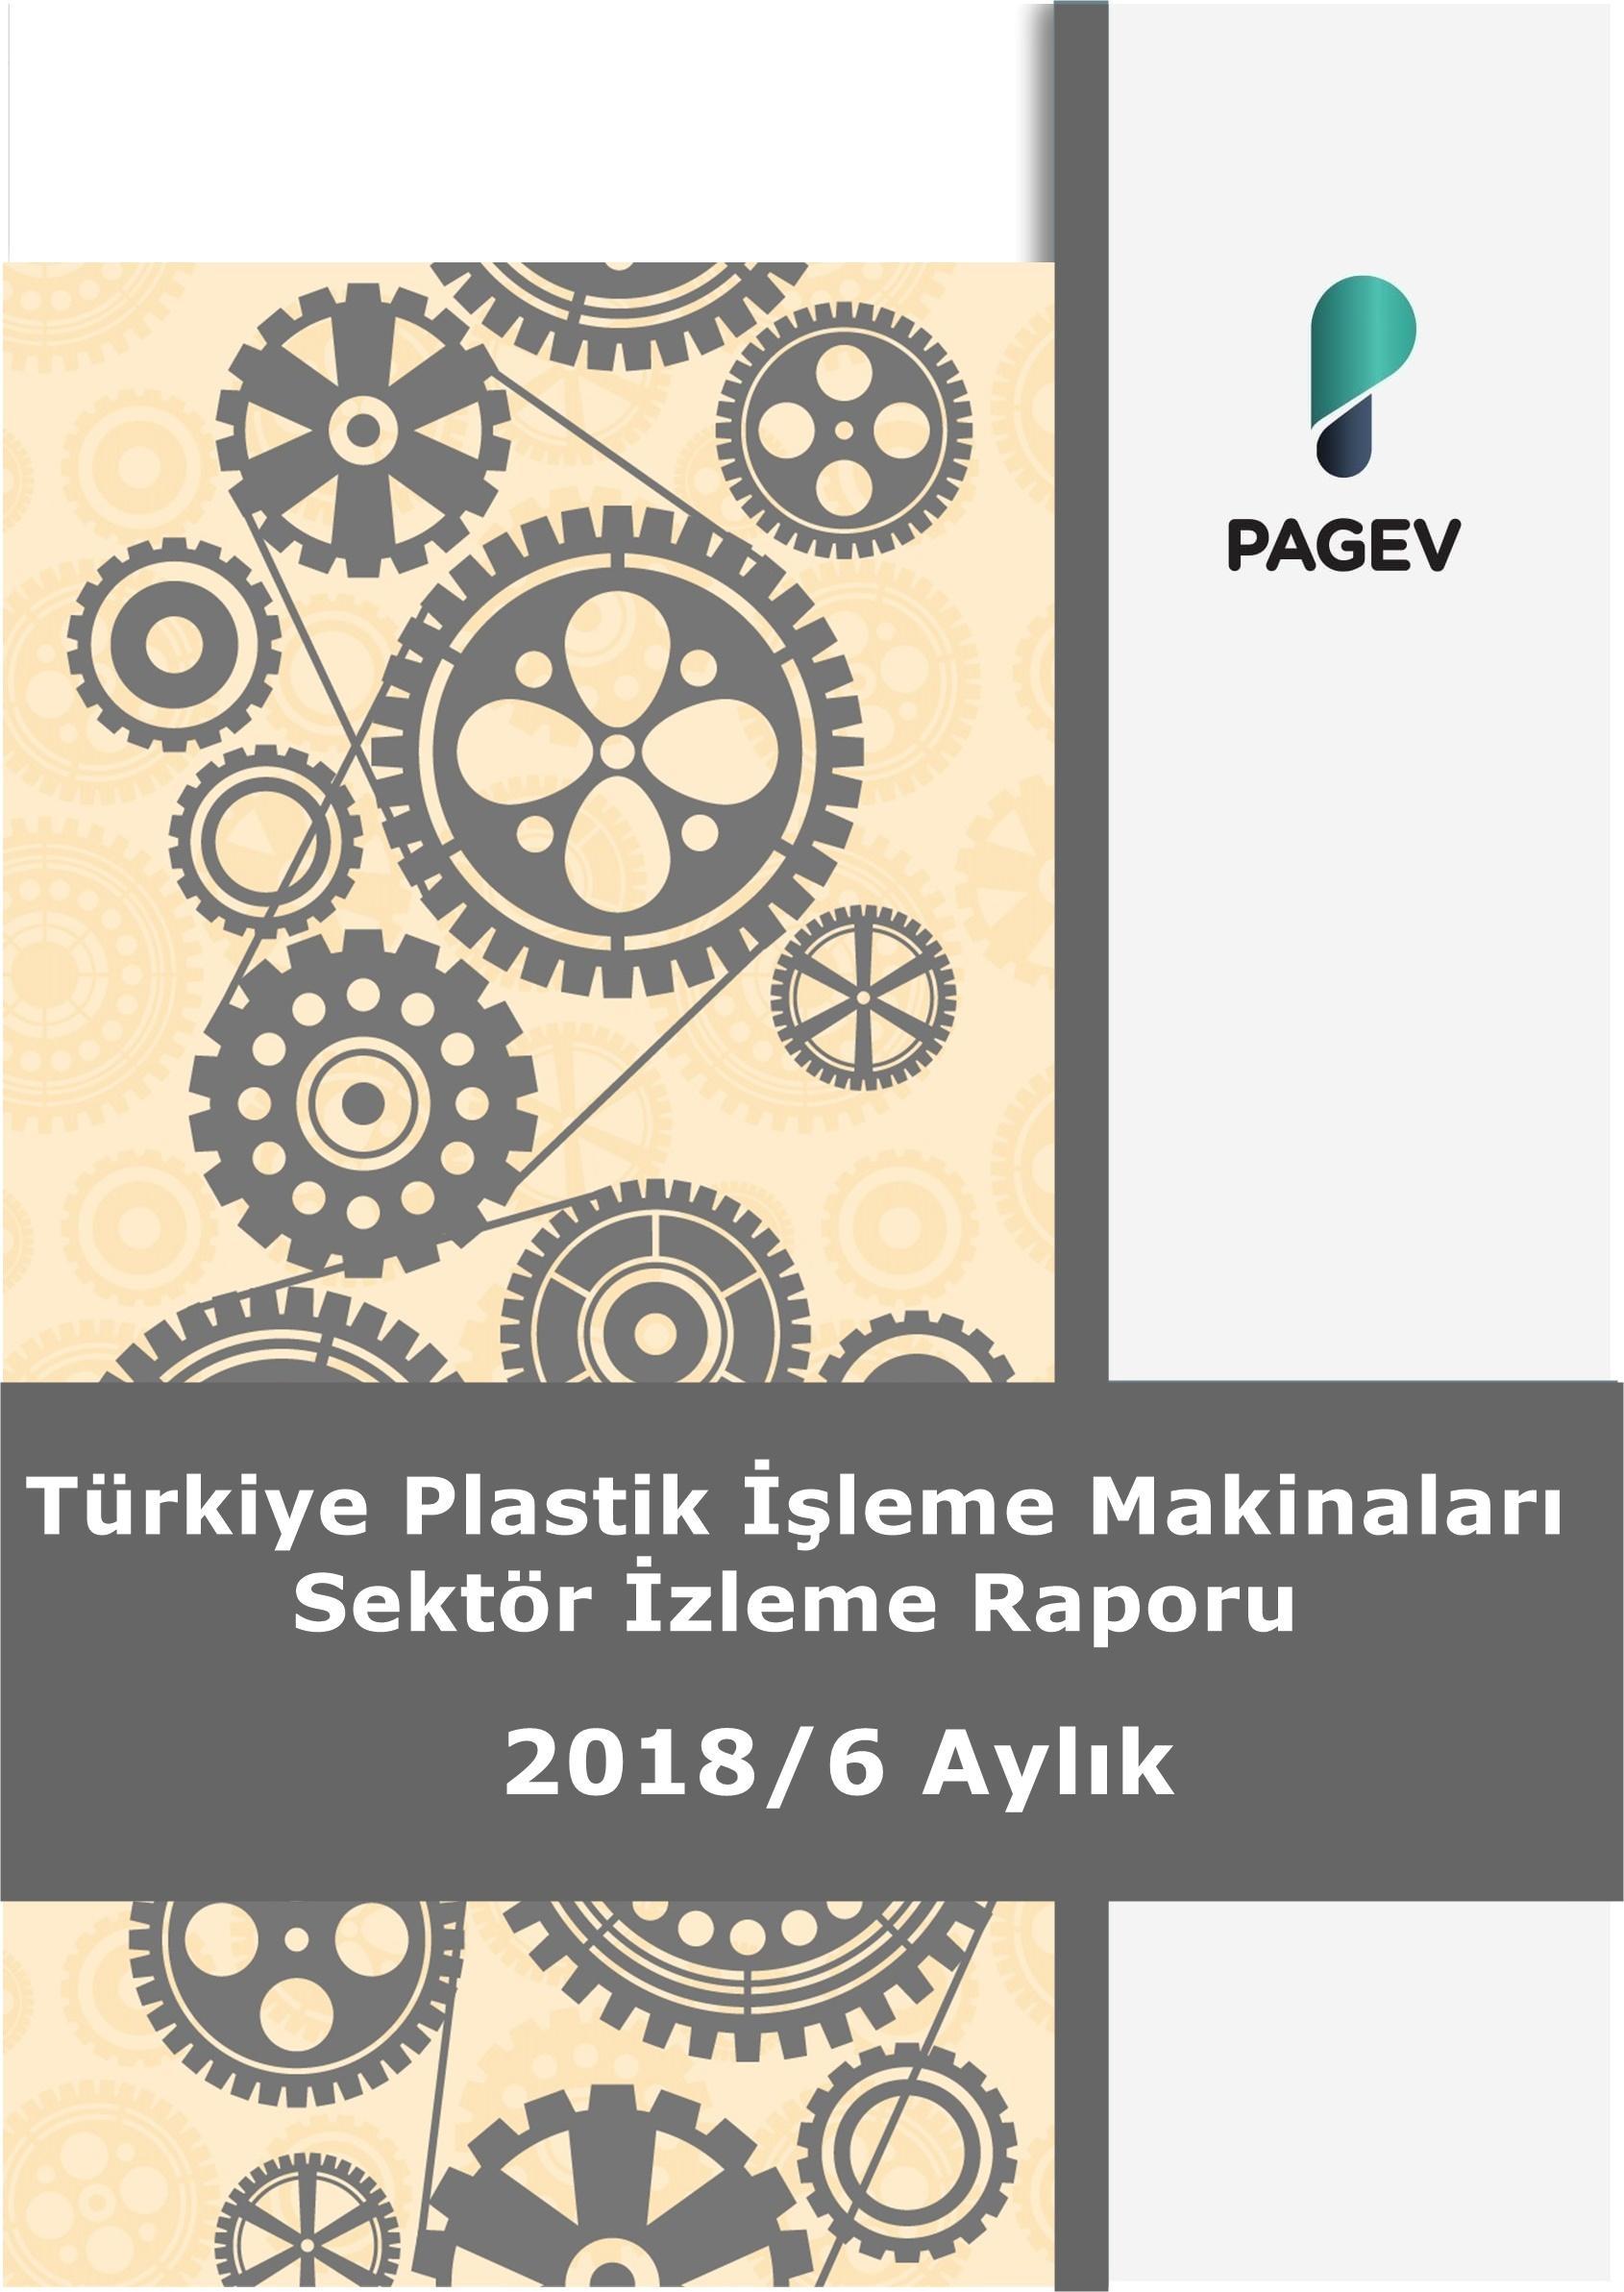 Türkiye Plastik İşleme Makineleri Sektör İzleme Raporu 2018/6 Aylık